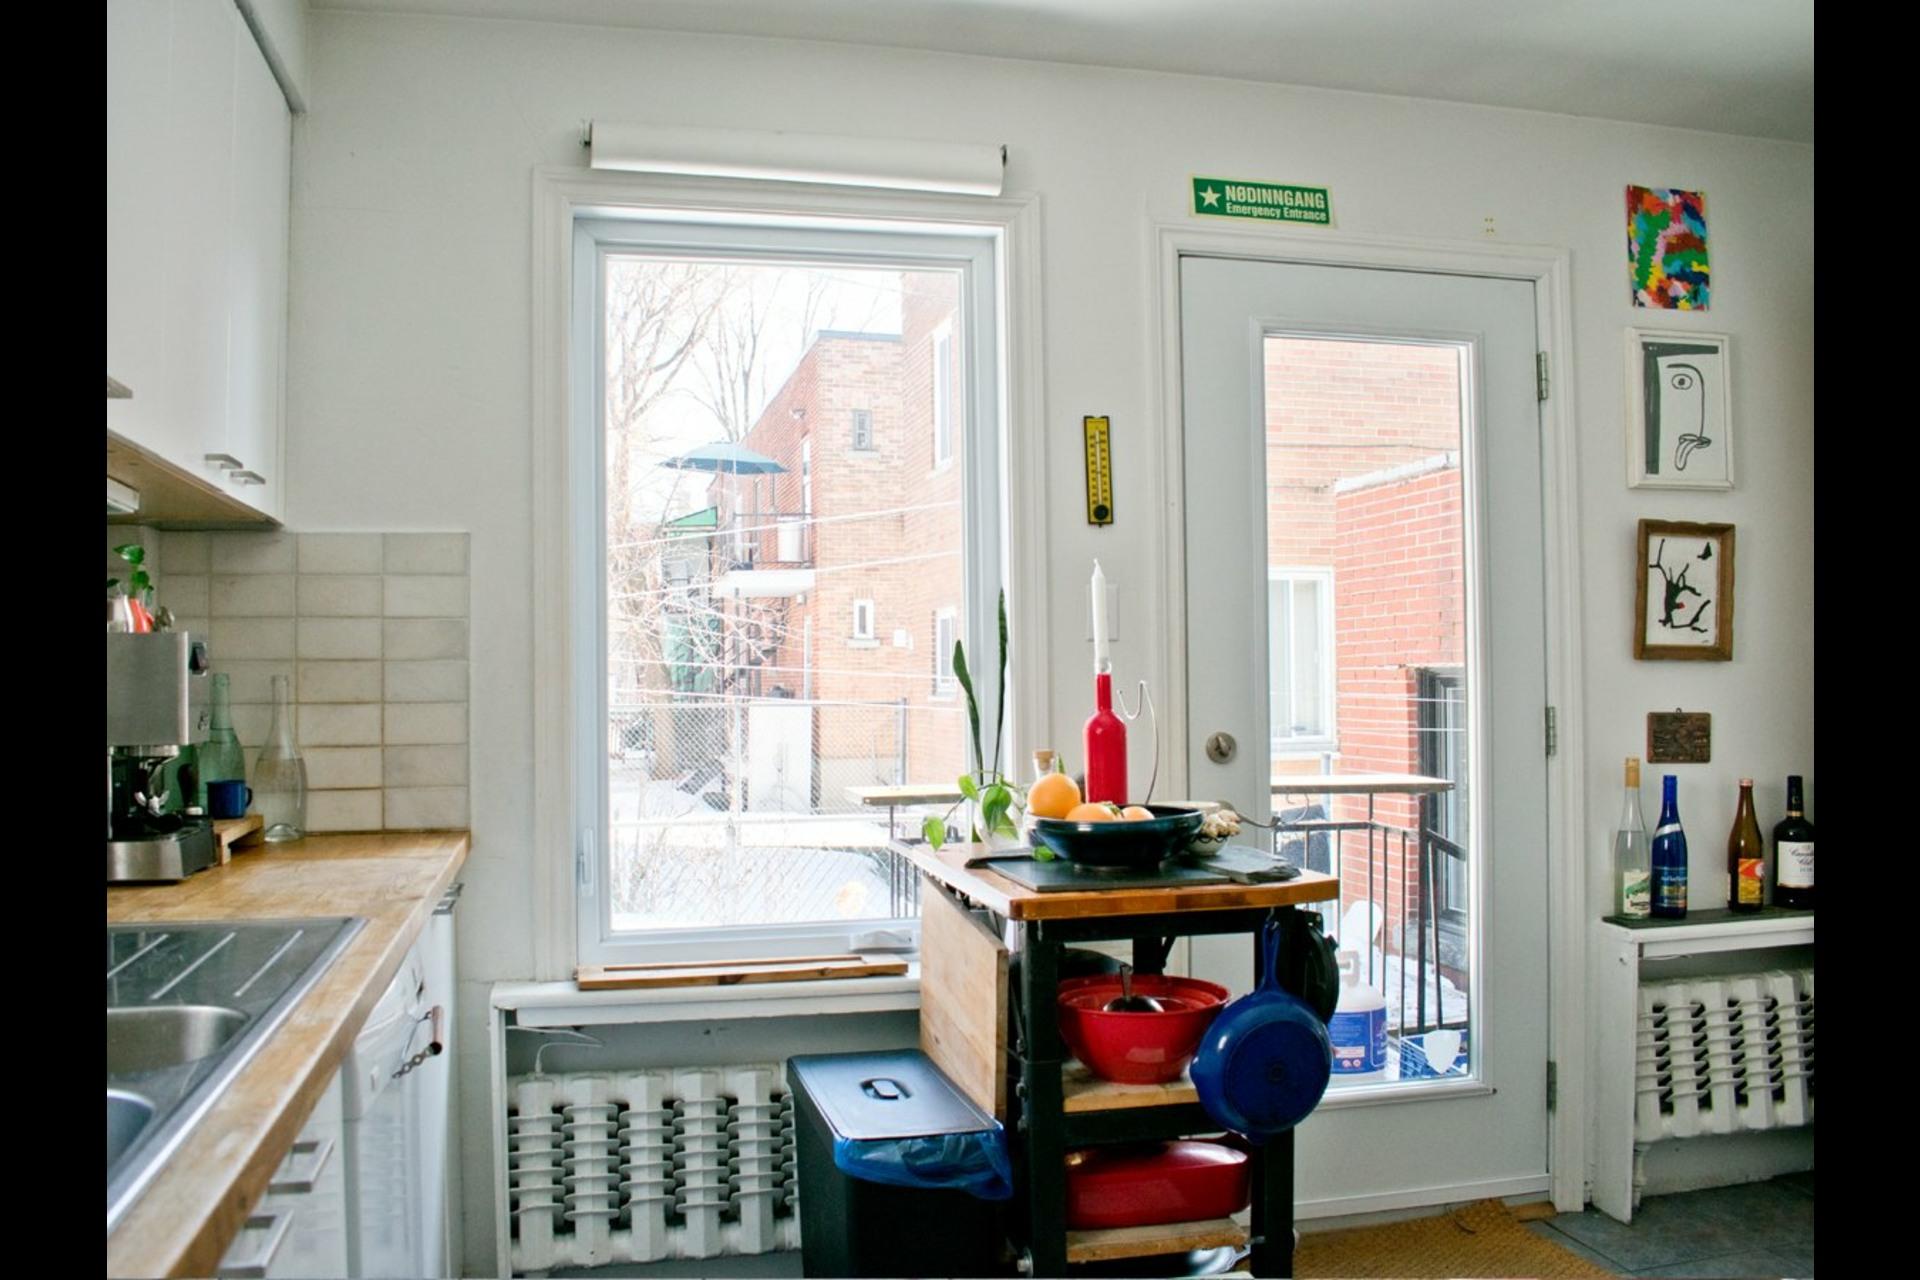 image 7 - Maison À vendre Villeray/Saint-Michel/Parc-Extension Montréal  - 9 pièces